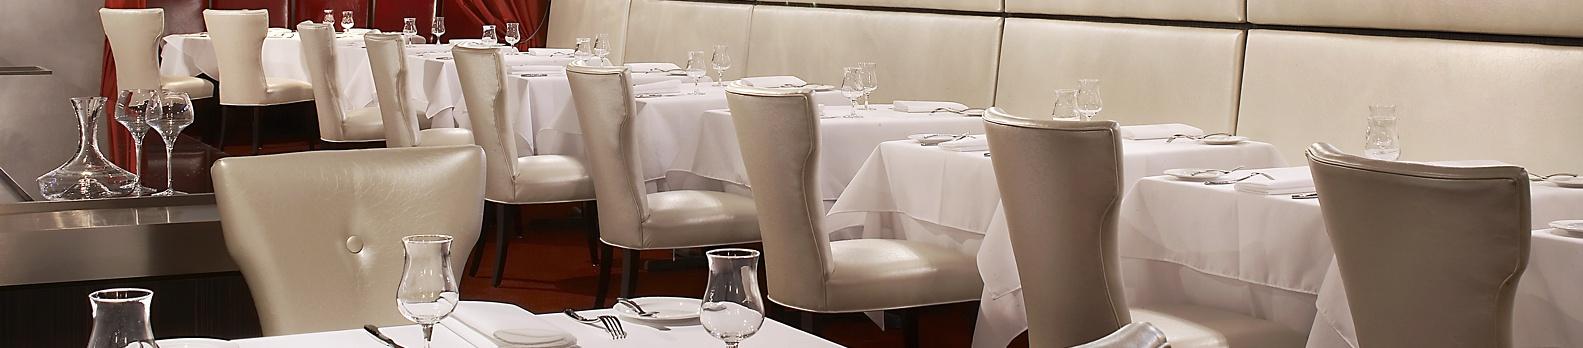 Best Restaurants in Canada